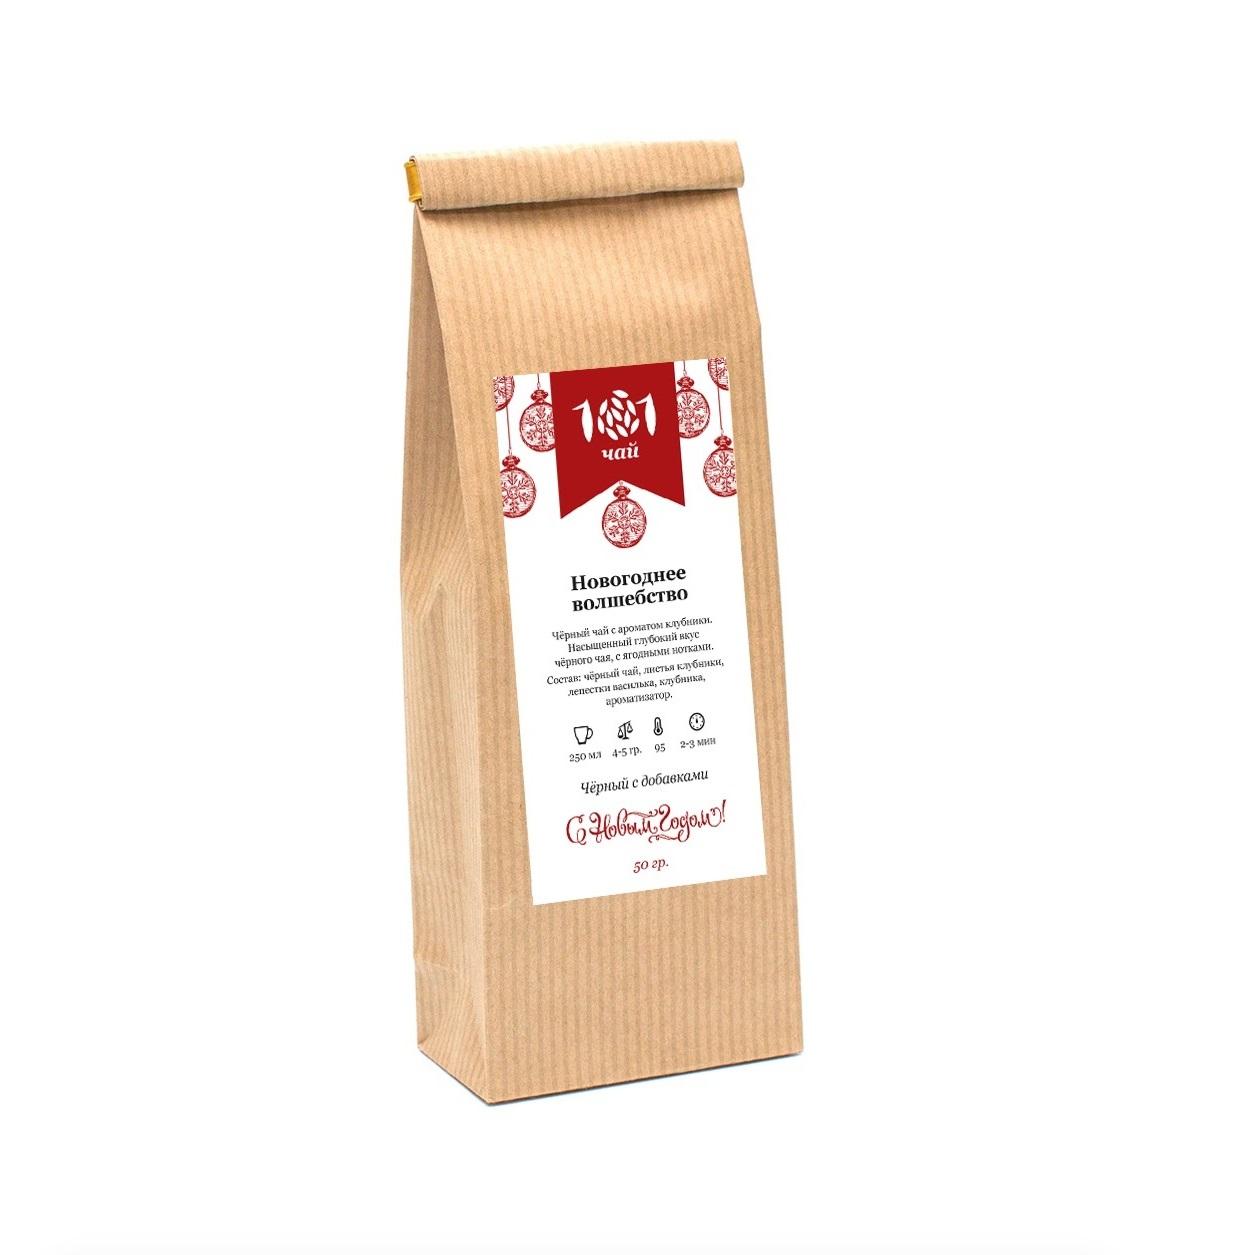 Черный чай Новогоднее волшебство №1 (лот - 50 шт) цена